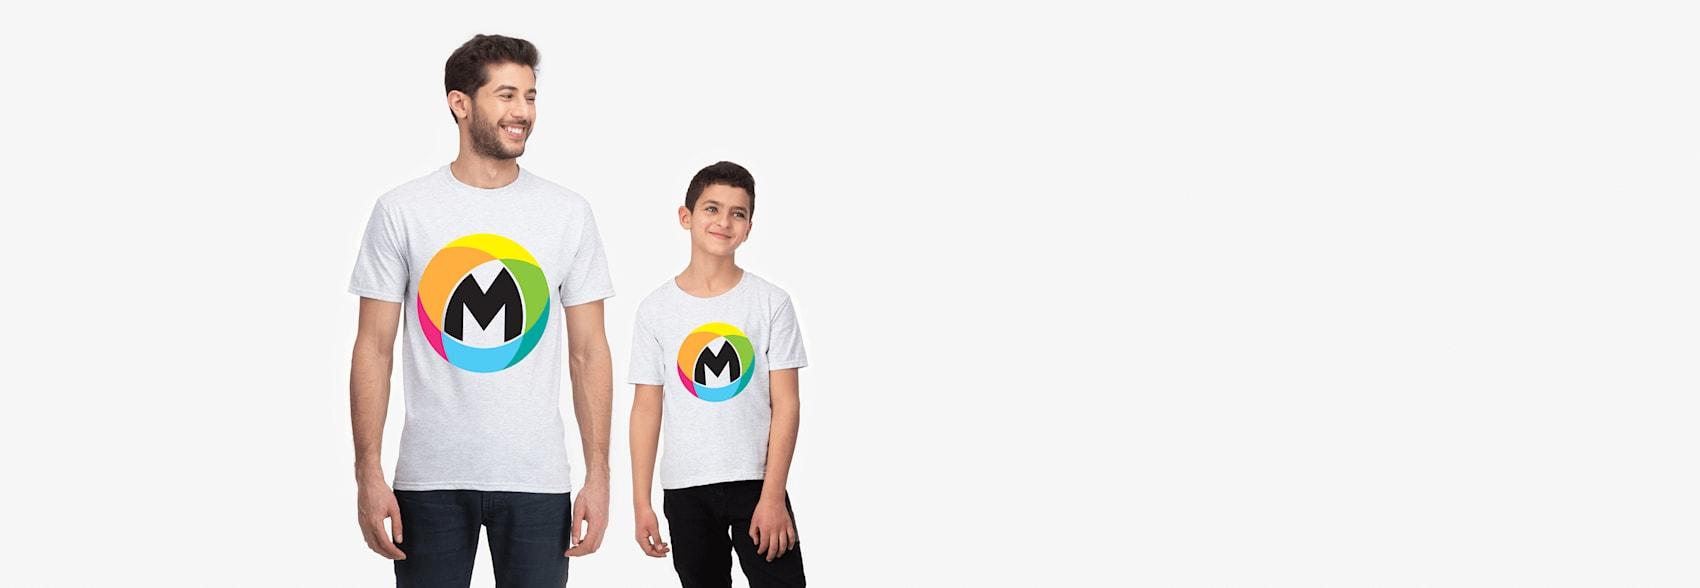 Standard tshirts